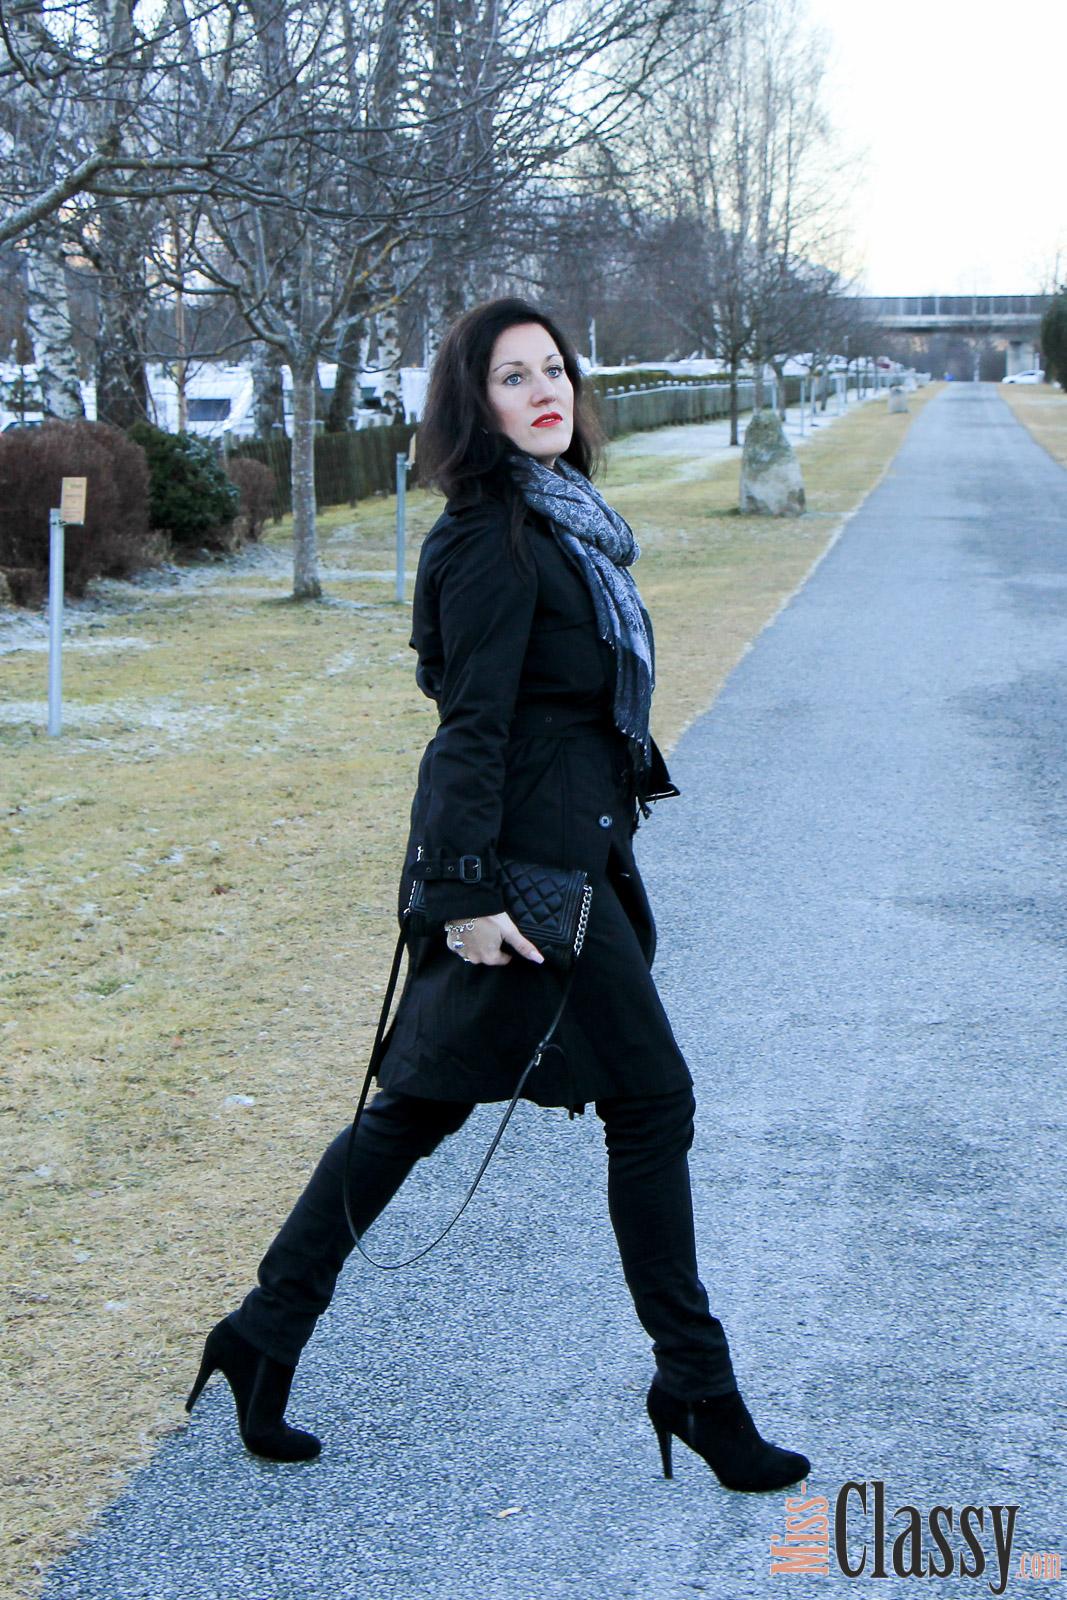 OUTFIT Schwarzer Trenchcoat von Ralph Lauren, Miss Classy, missclassy, Fashionblog, Fashionblogger, Schal, Handtasche, Michael Kors, Stiefeletten, Austria, Österreich, Graz, Bruck